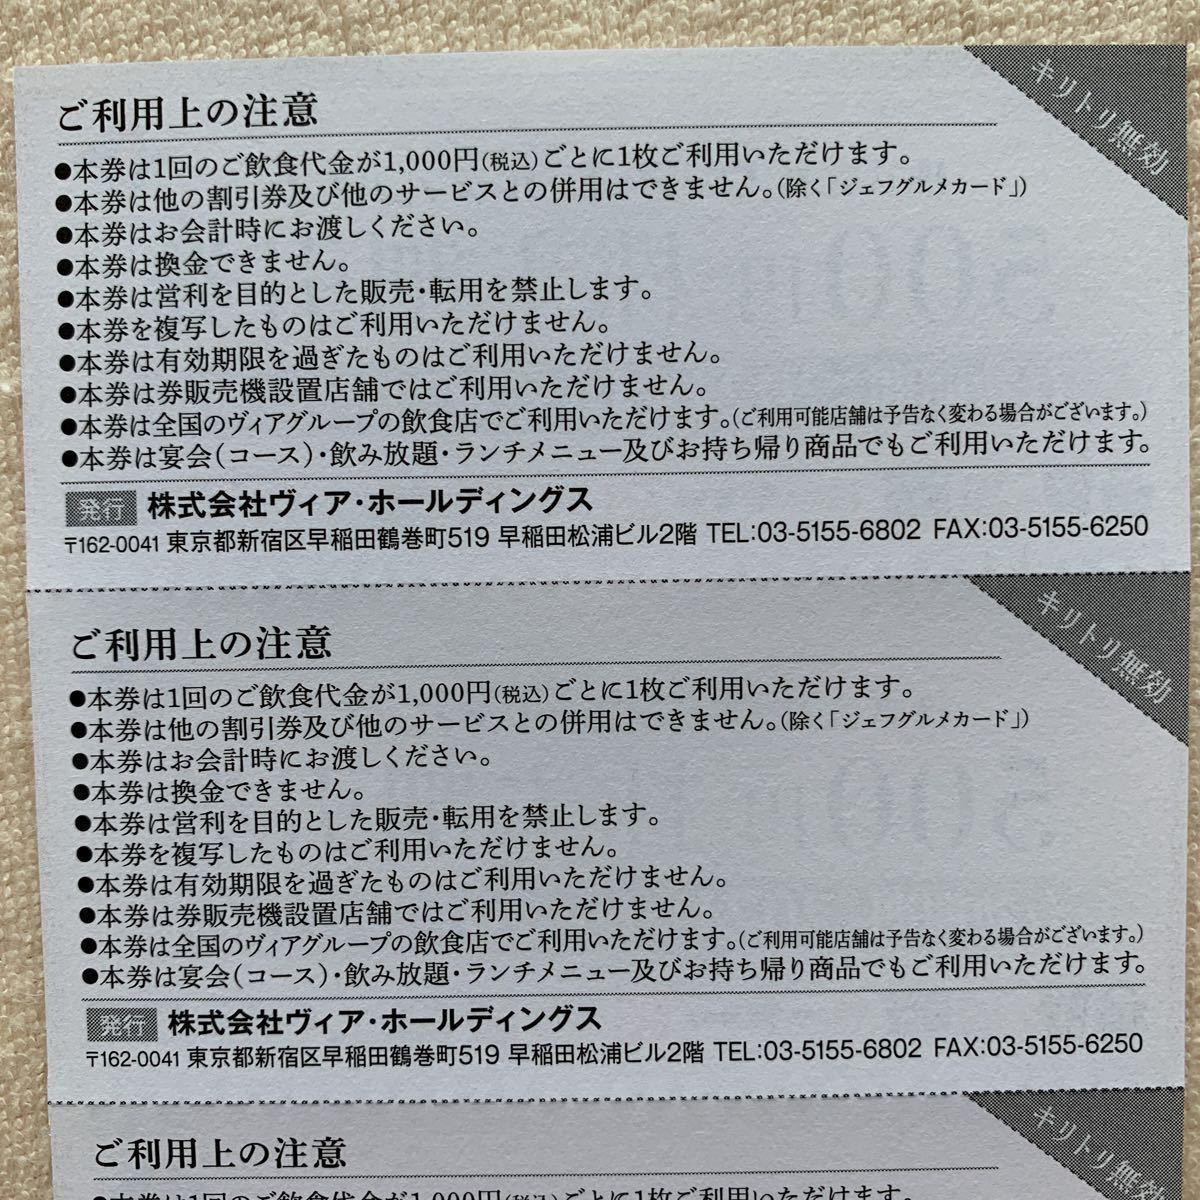 ヴィア・ホールディングス 株主優待券 500円×5枚×4シートで10,000円分 備長扇屋 紅とん 扇屋 パステル _画像2